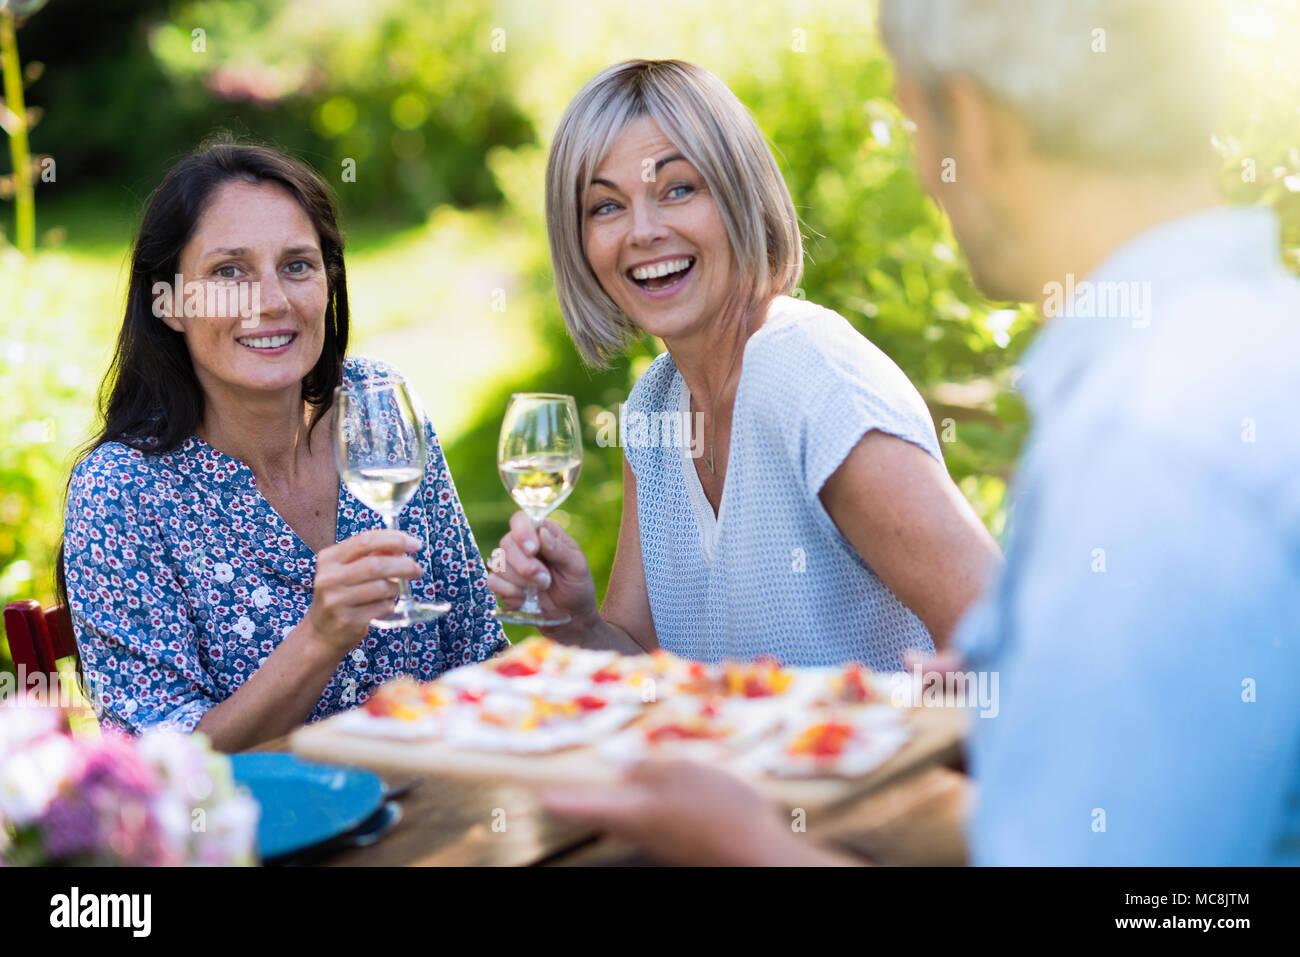 Grupo de amigos en sus cuarenta, reunidos alrededor de una mesa en el jardín para compartir una comida. Un hombre ofrece aperitivos para los huéspedes Imagen De Stock